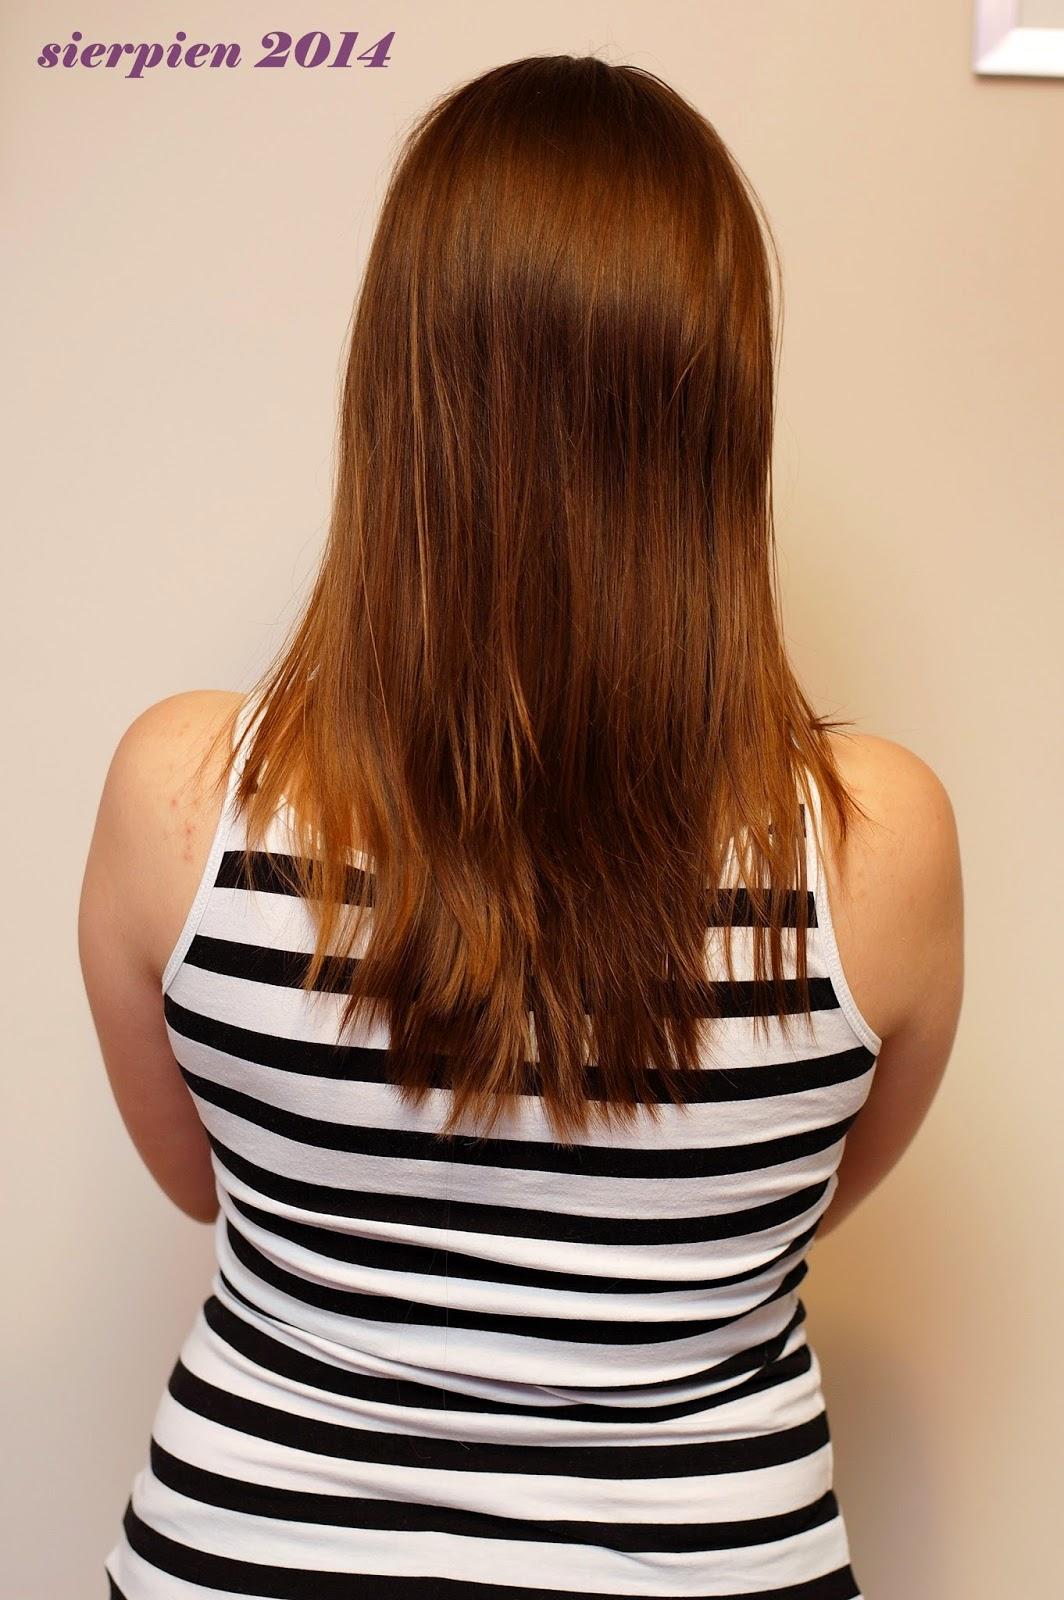 aktualizacja włosowa sierpień 2014 pielęgnacja włosów blog hair care